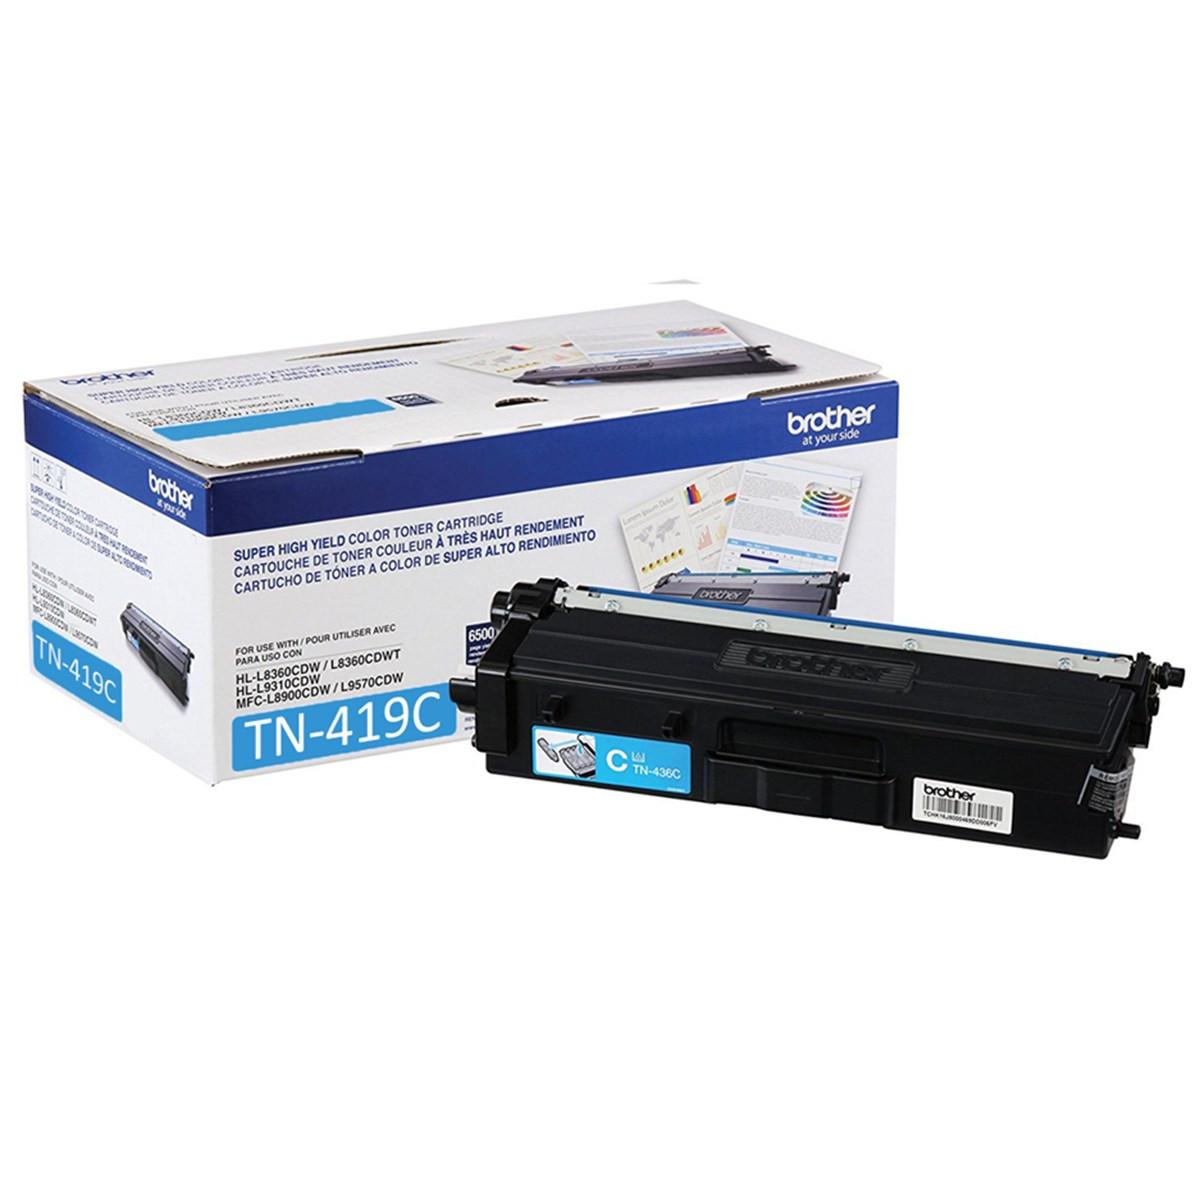 Toner Brother TN-419C Ciano   HL-L8360CDW MFC-L8610CDW MFC-L8900CDW MFC-L9570CDW   Original 9k